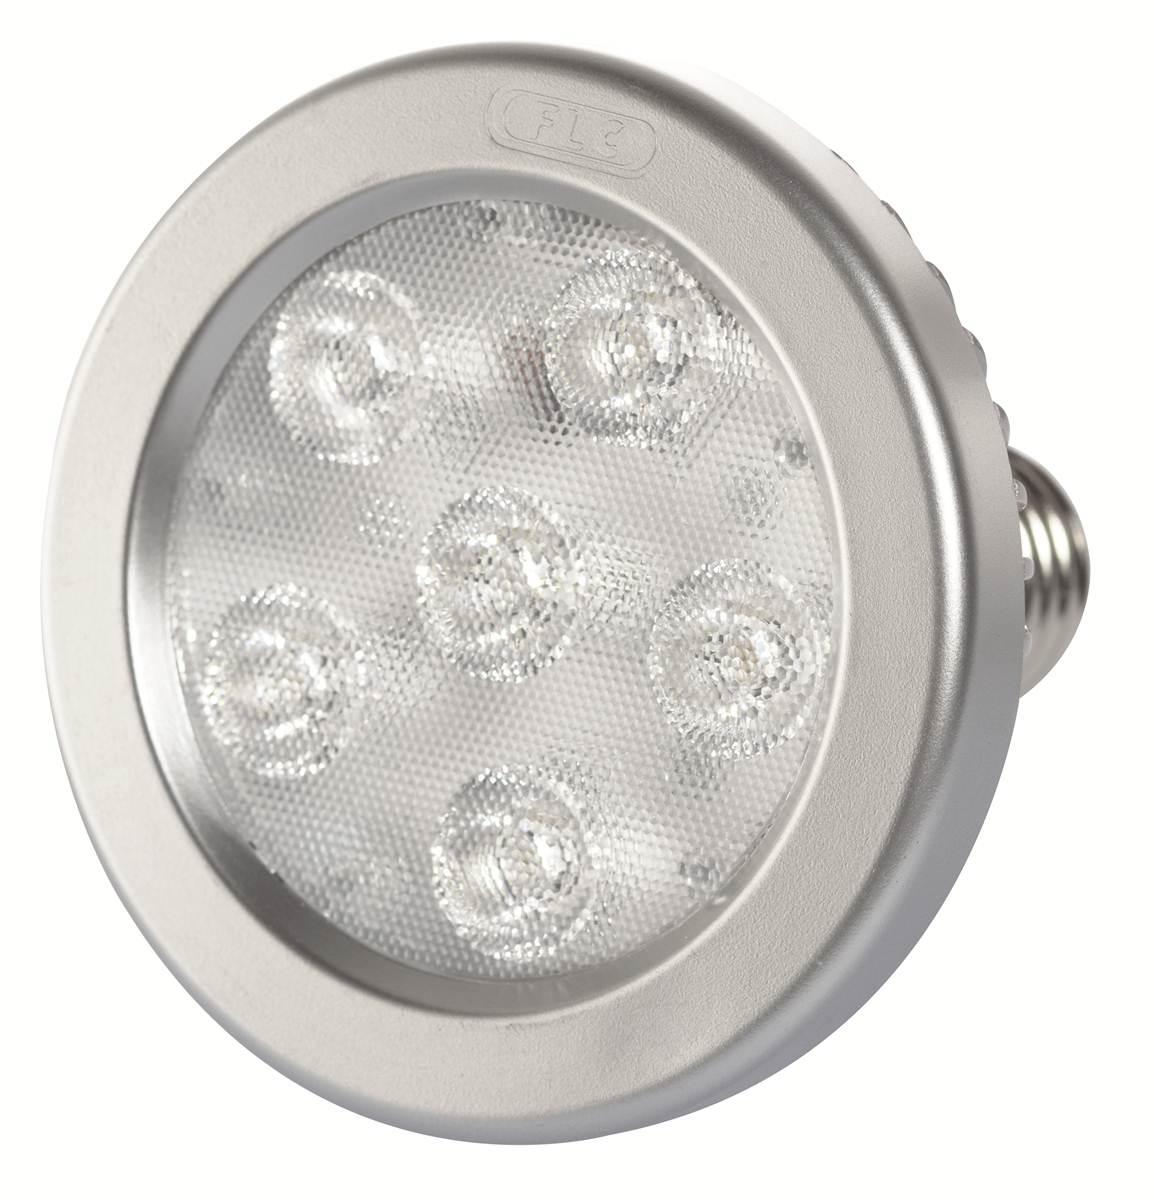 decoracao lampadas led : decoracao lampadas led:LÂMPADA SUPER LED FLC PAR 30 11W BIVOLT – FLC – PAR Led – Induspar